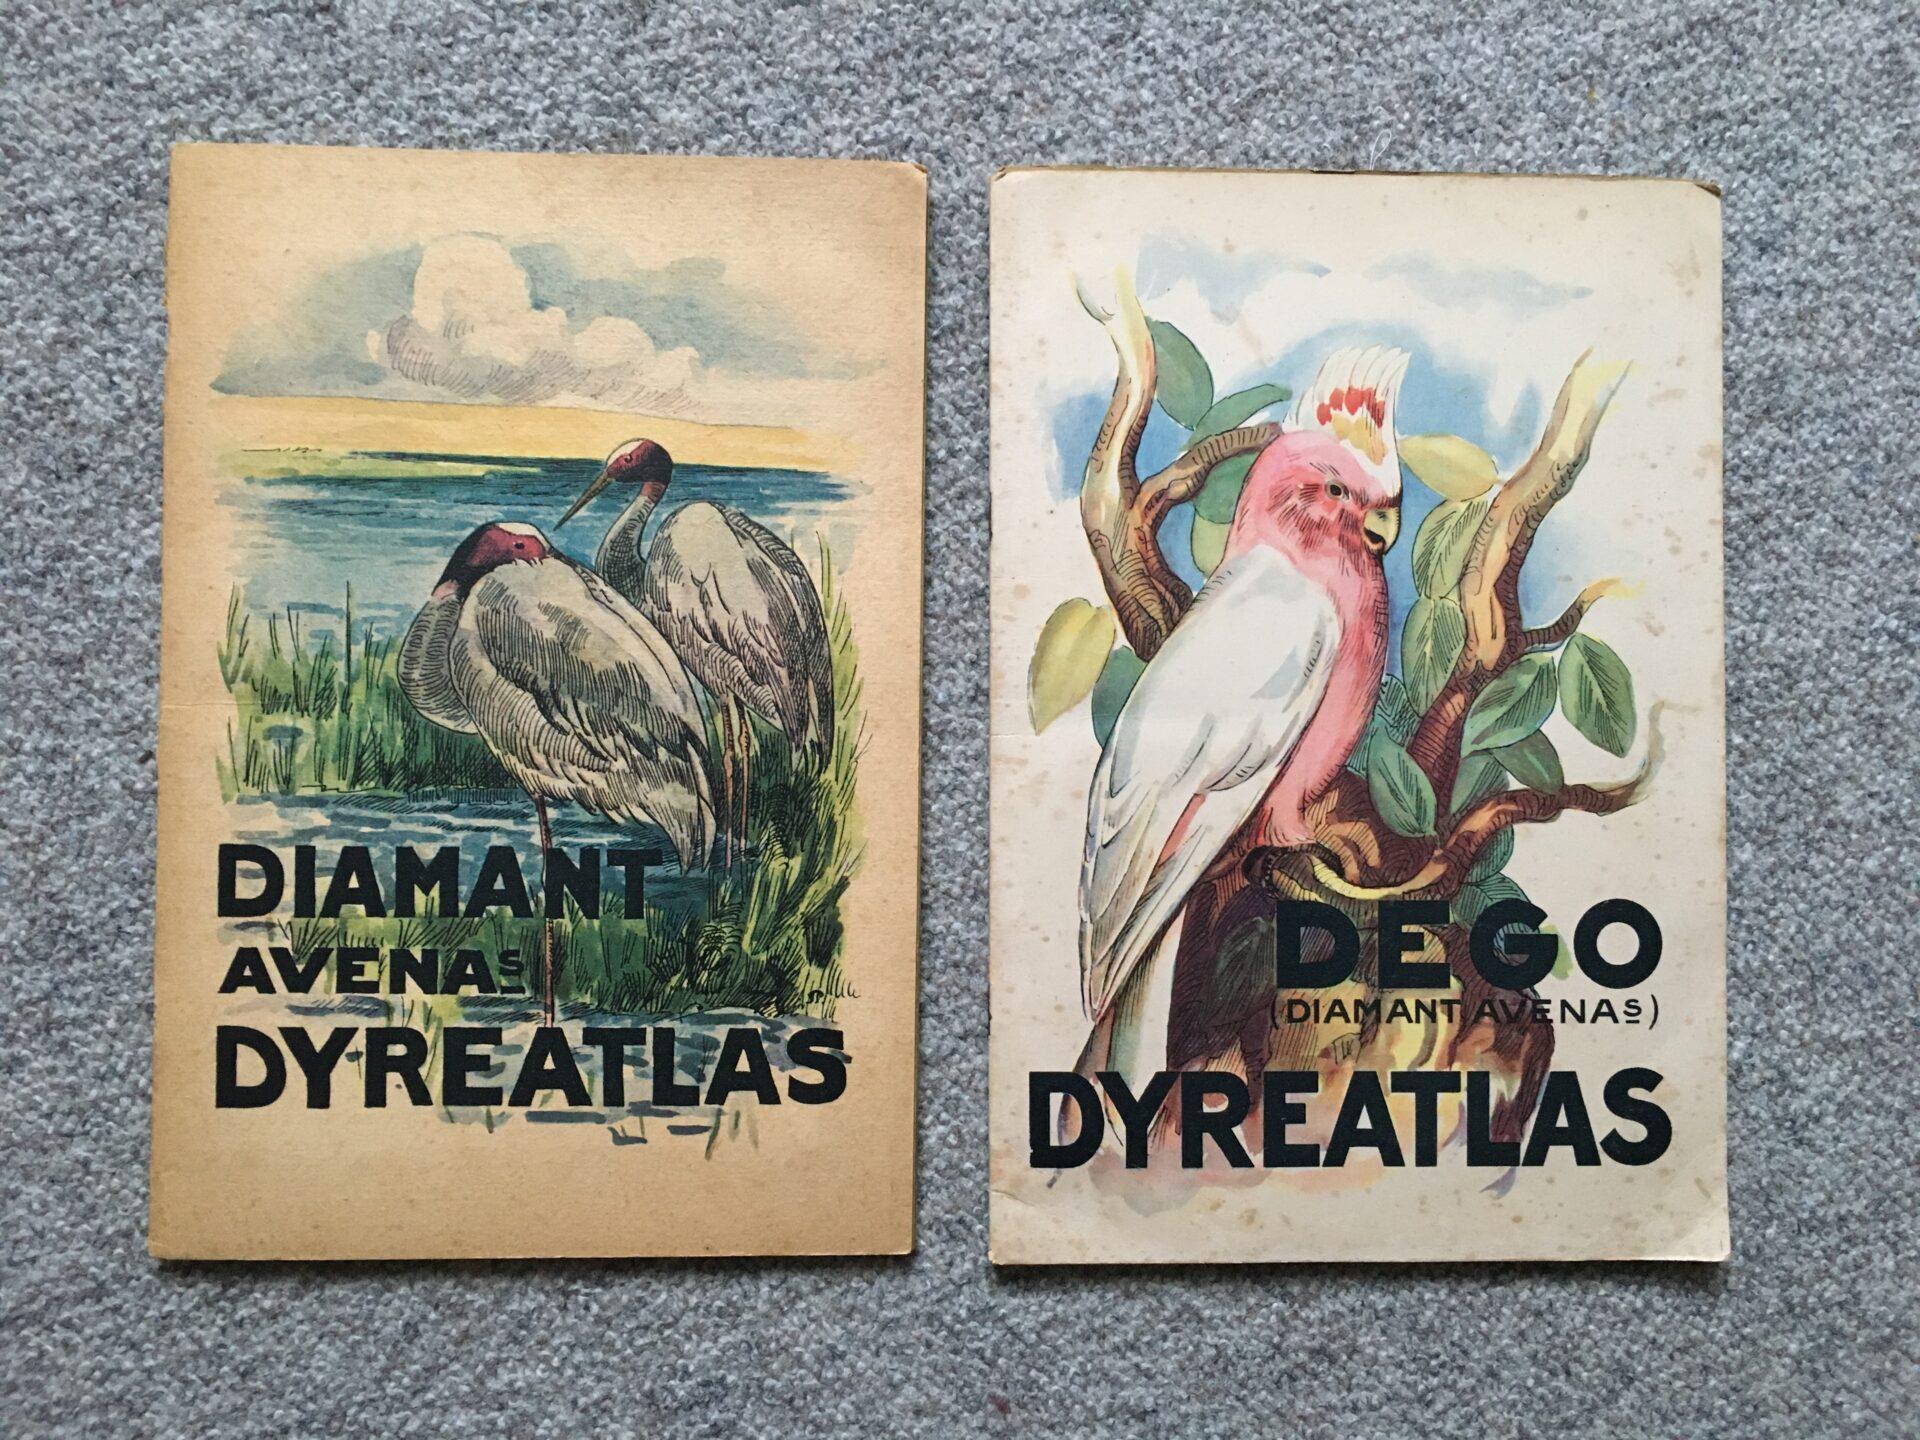 DEGO Dyreatlas, med komplet samling af DEGO-gryns dyreserie, pris pr hæfte 200kr